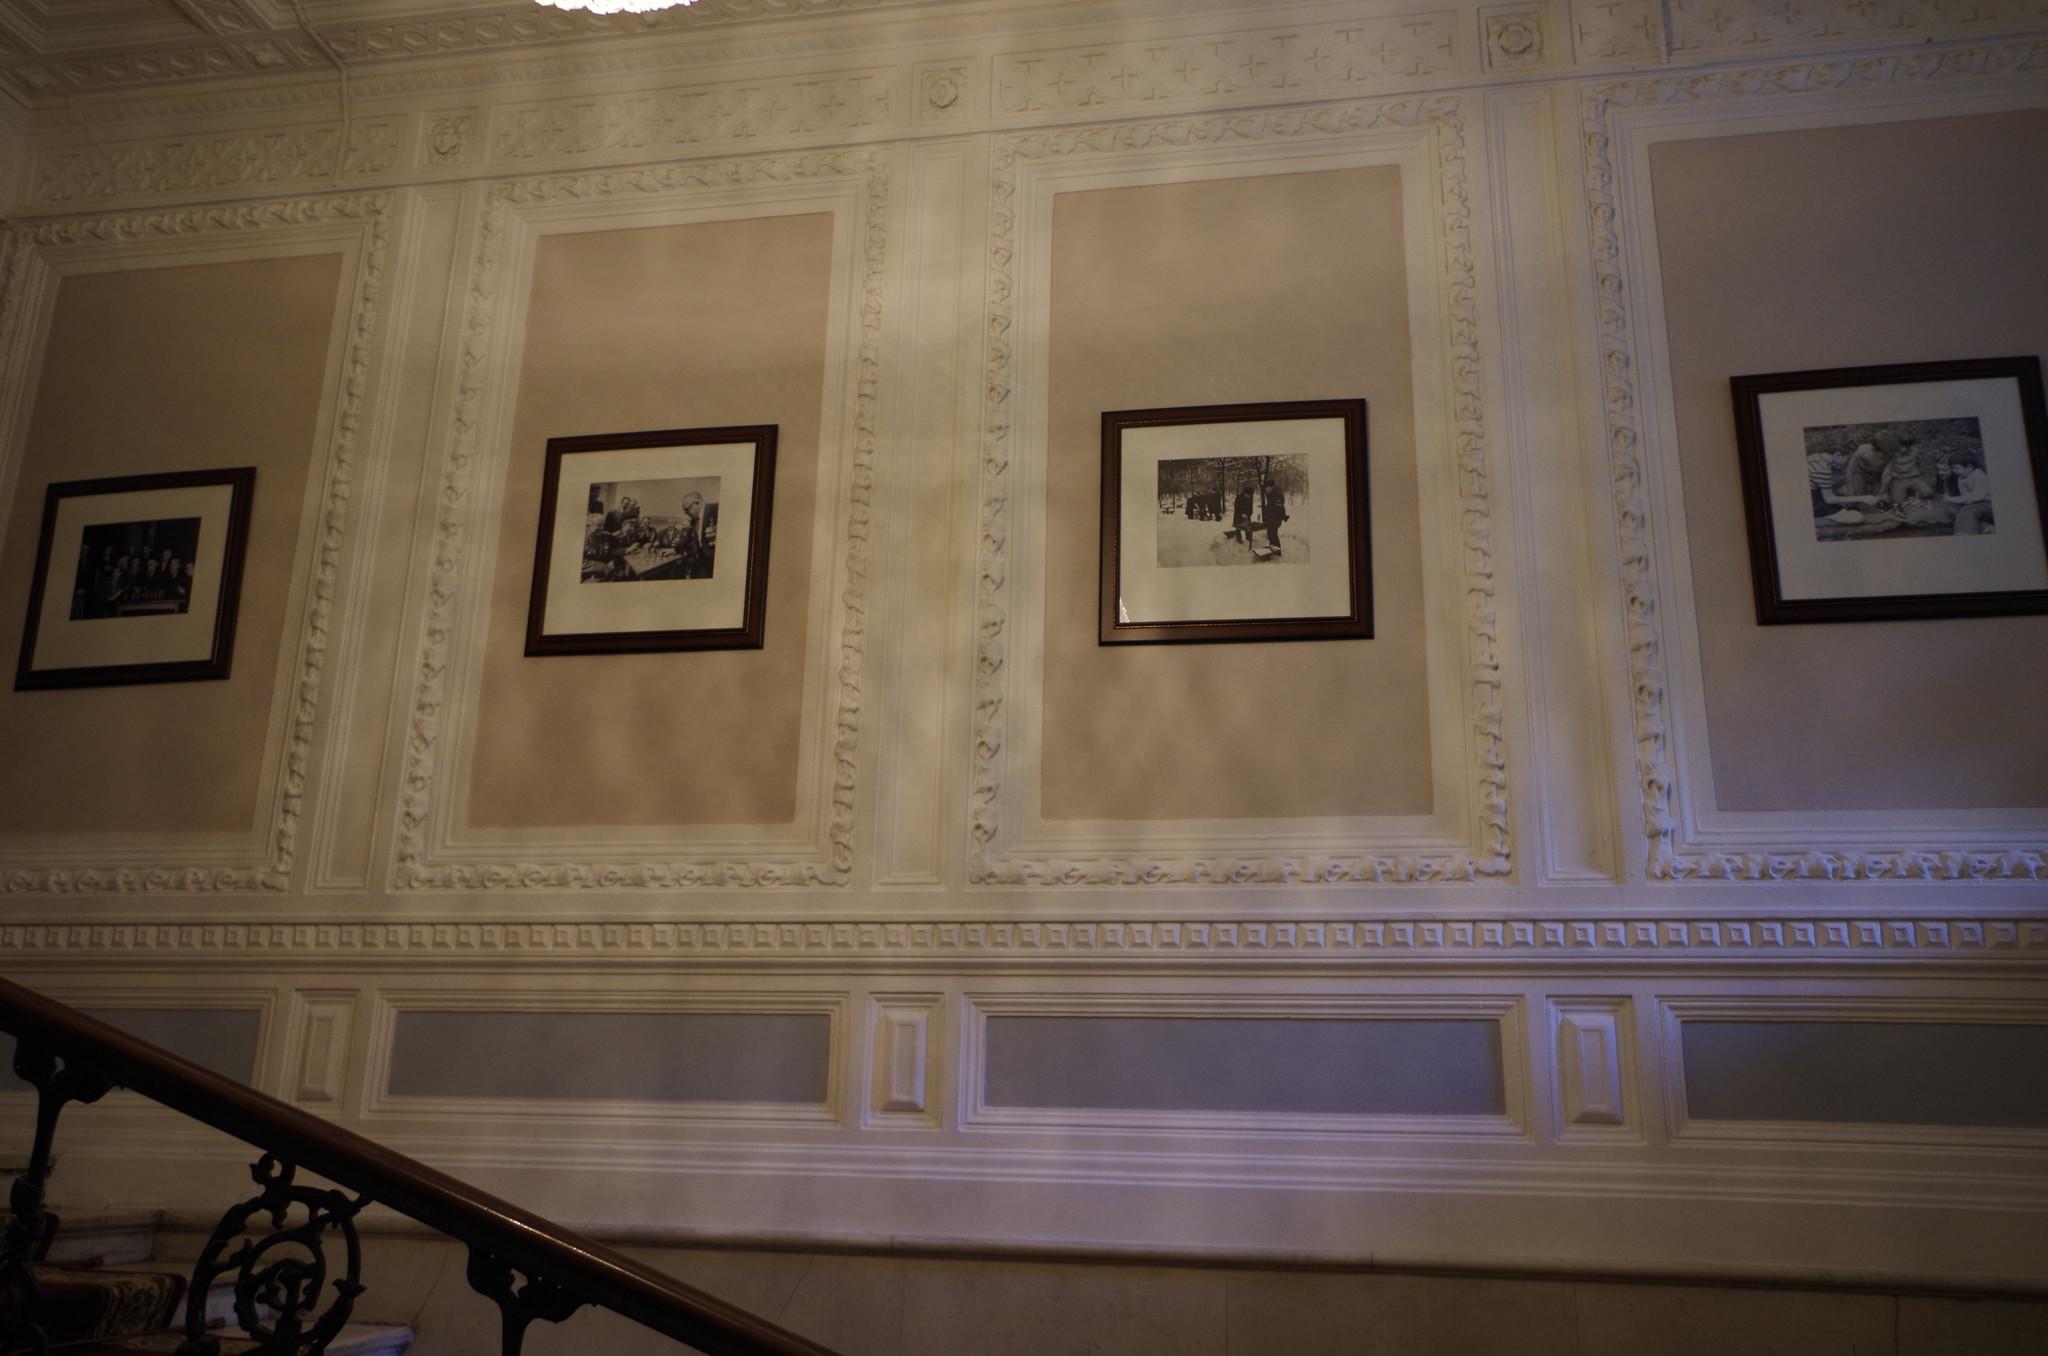 Центральный дом шахматиста имени М.М. Ботвинника (Гоголевский бульвар, дом 14)